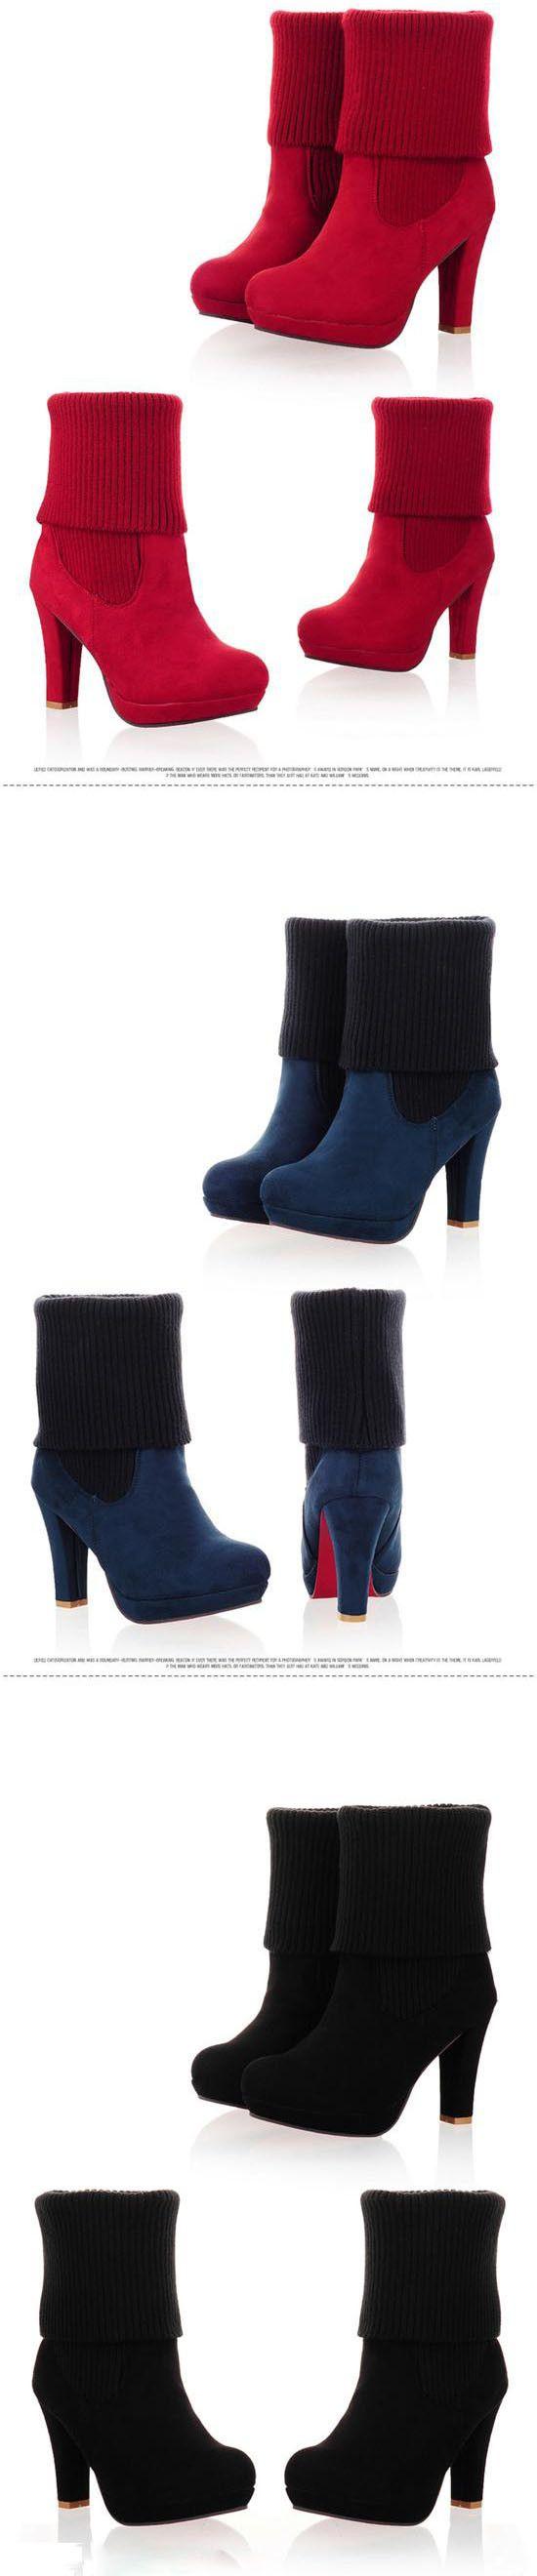 Осенние туфли на платформе высокие каблуки ботильоны для женщин Большой размер 34 43 женская мода осень сапоги красные нижние высокие каблуки зимние сапогикупить в магазине Kangston InternationalнаAliExpress